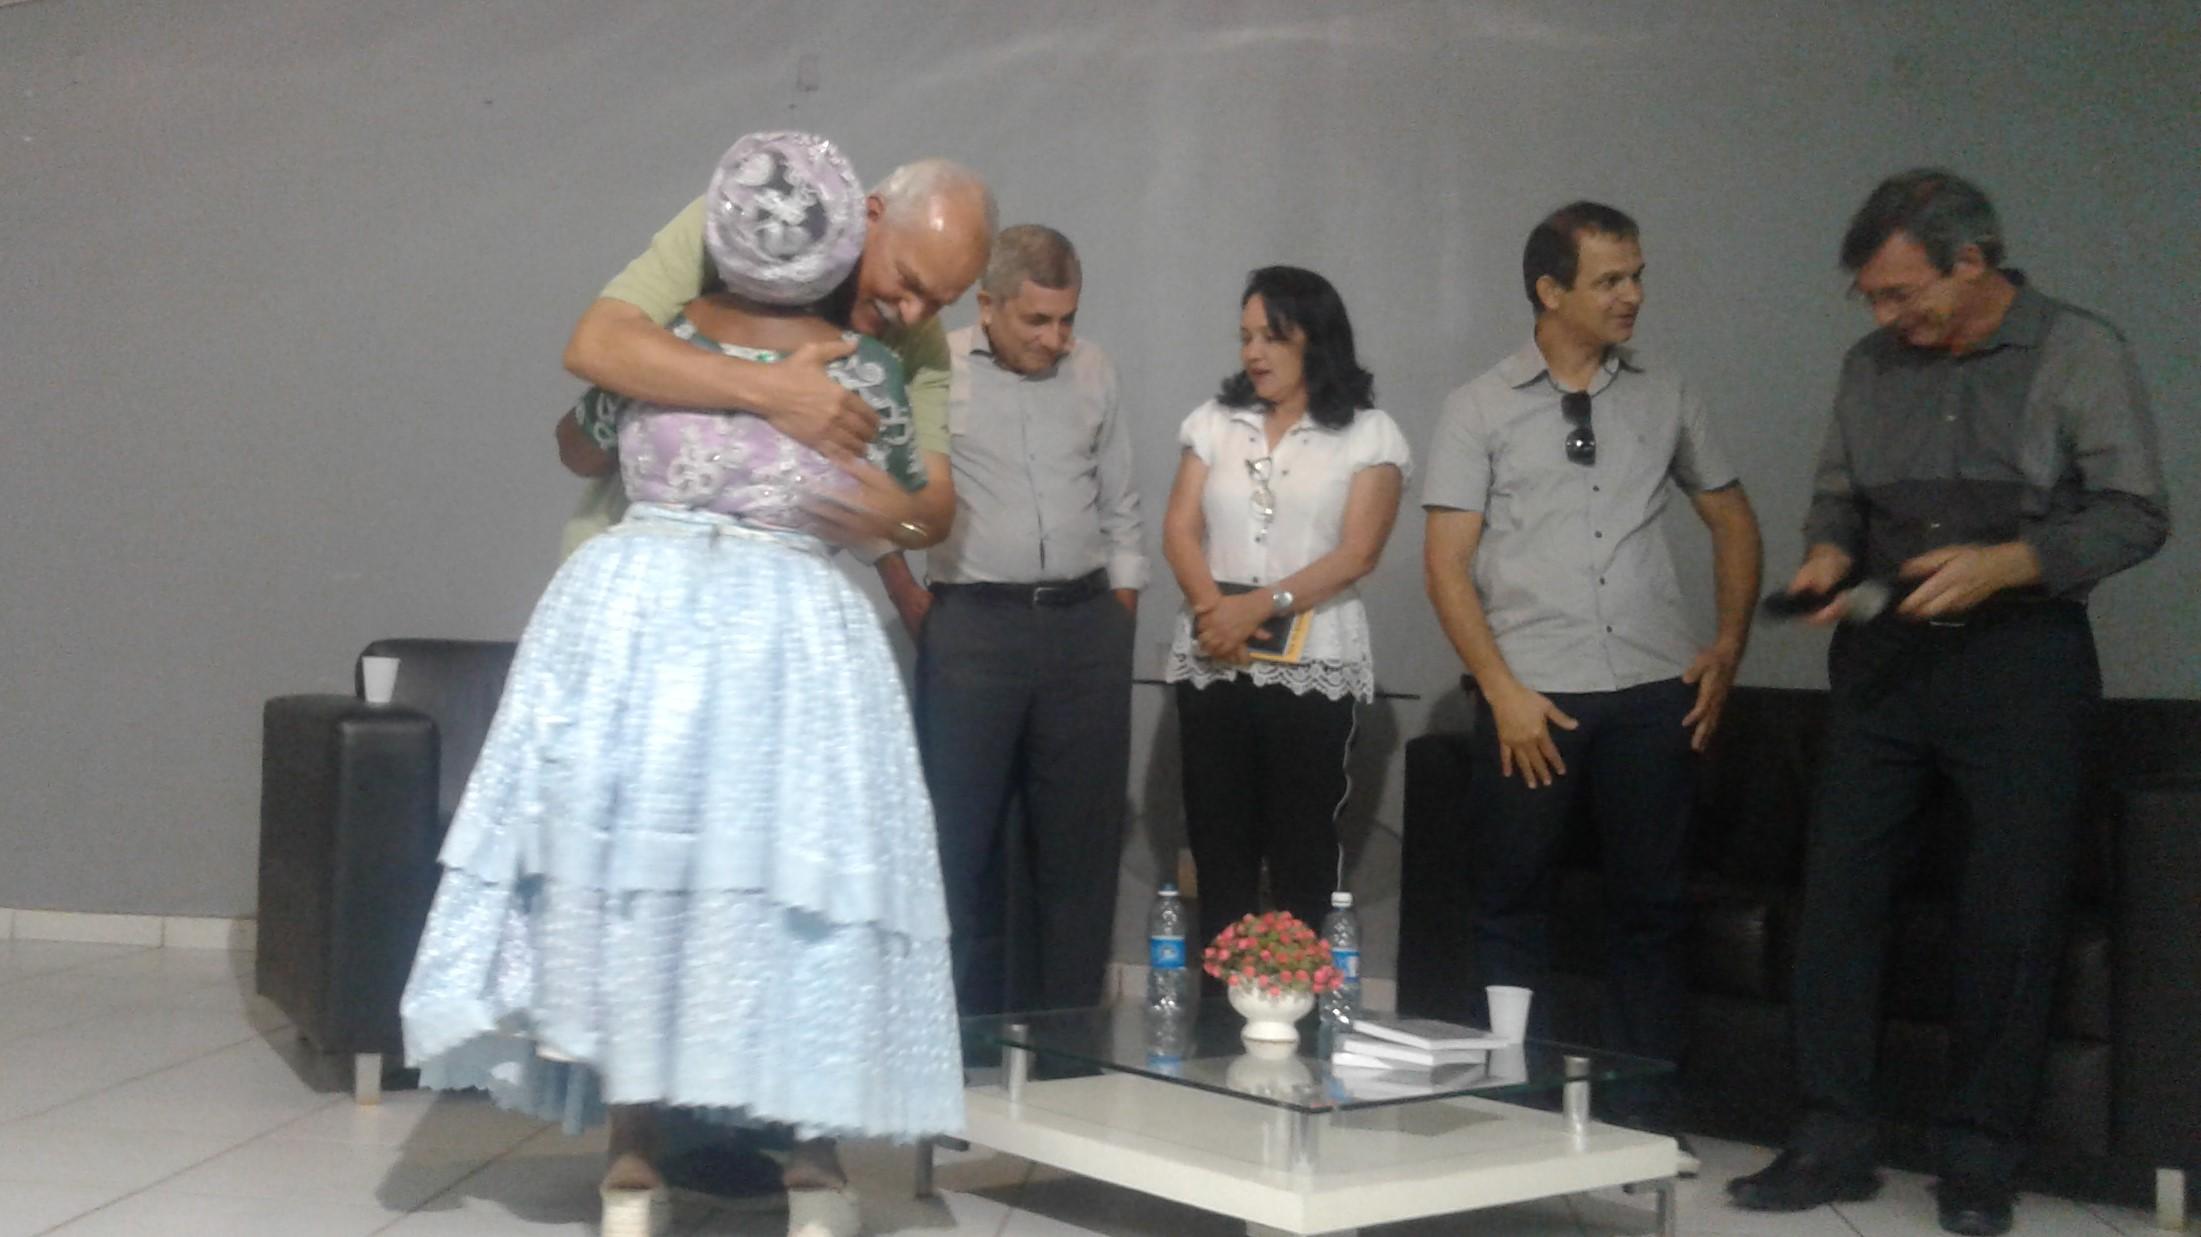 FEB participa do 32º Encontro da Região Tocantina em Imperatriz-MA3